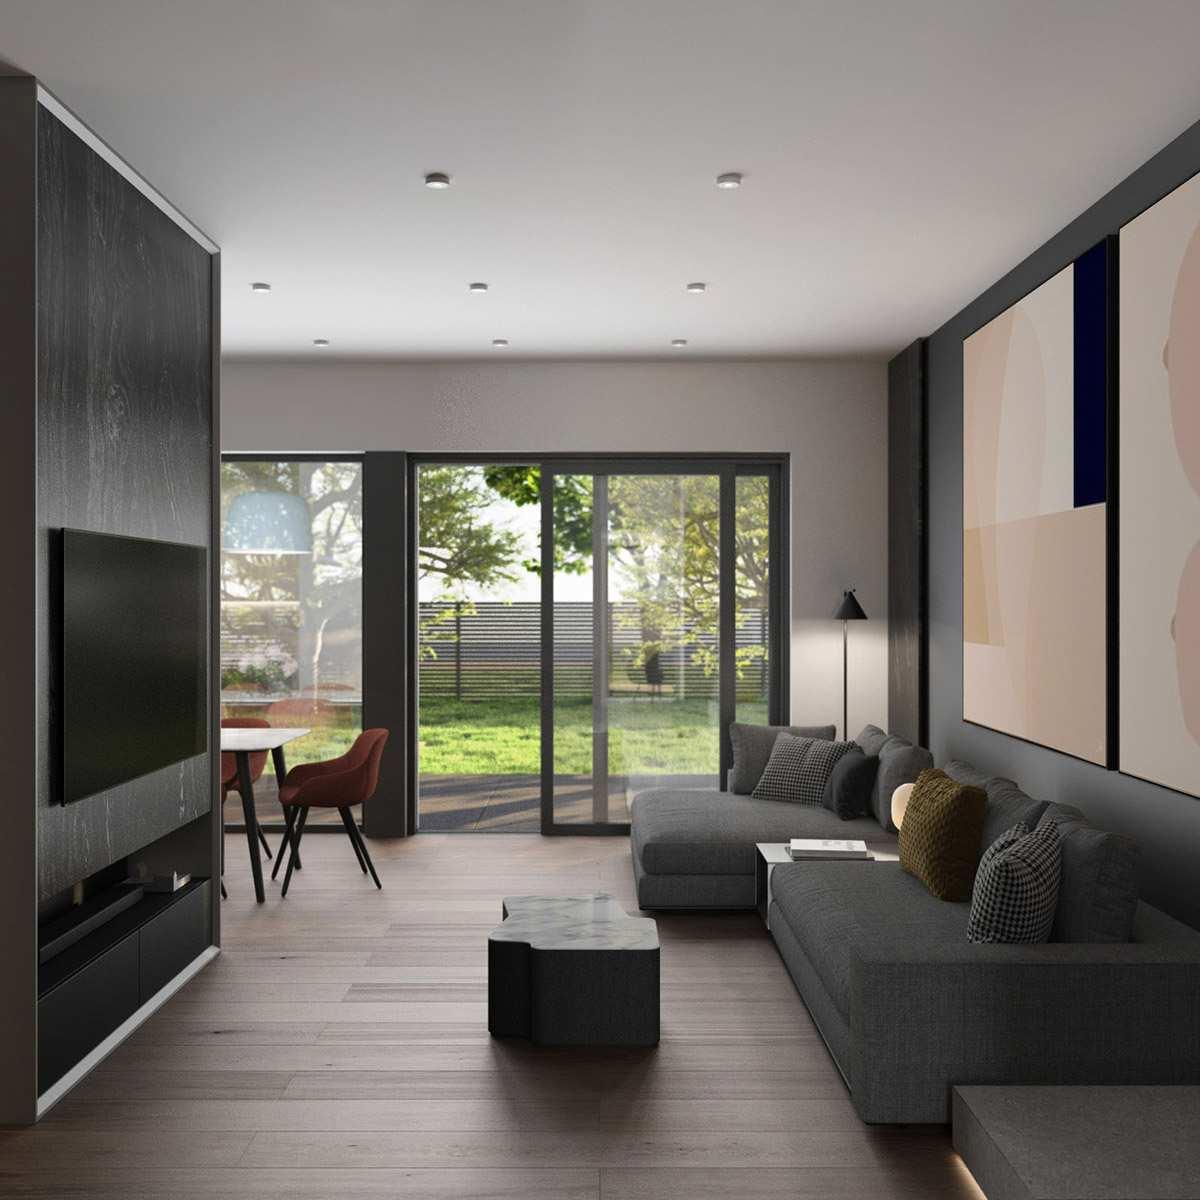 طراحی داخلی 3 نمونه آپارتمان با تم خاکستری - Grey Based Decor 9